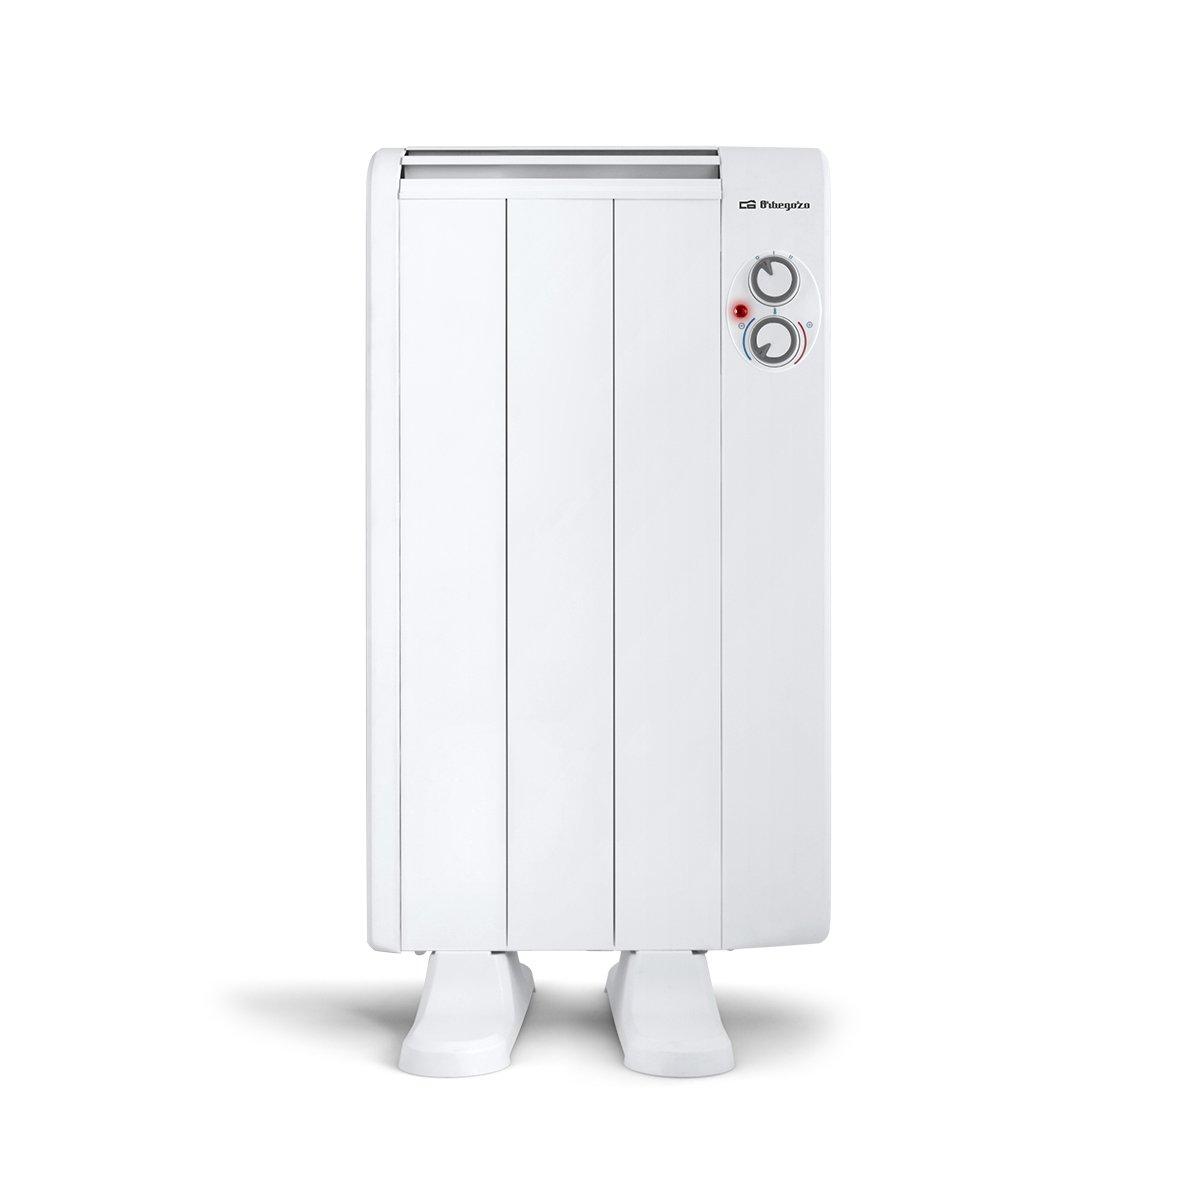 Orbegozo RRM 500 Emisor térmico de bajo Consumo sin Aceite, Color Blanco: Amazon.es: Hogar